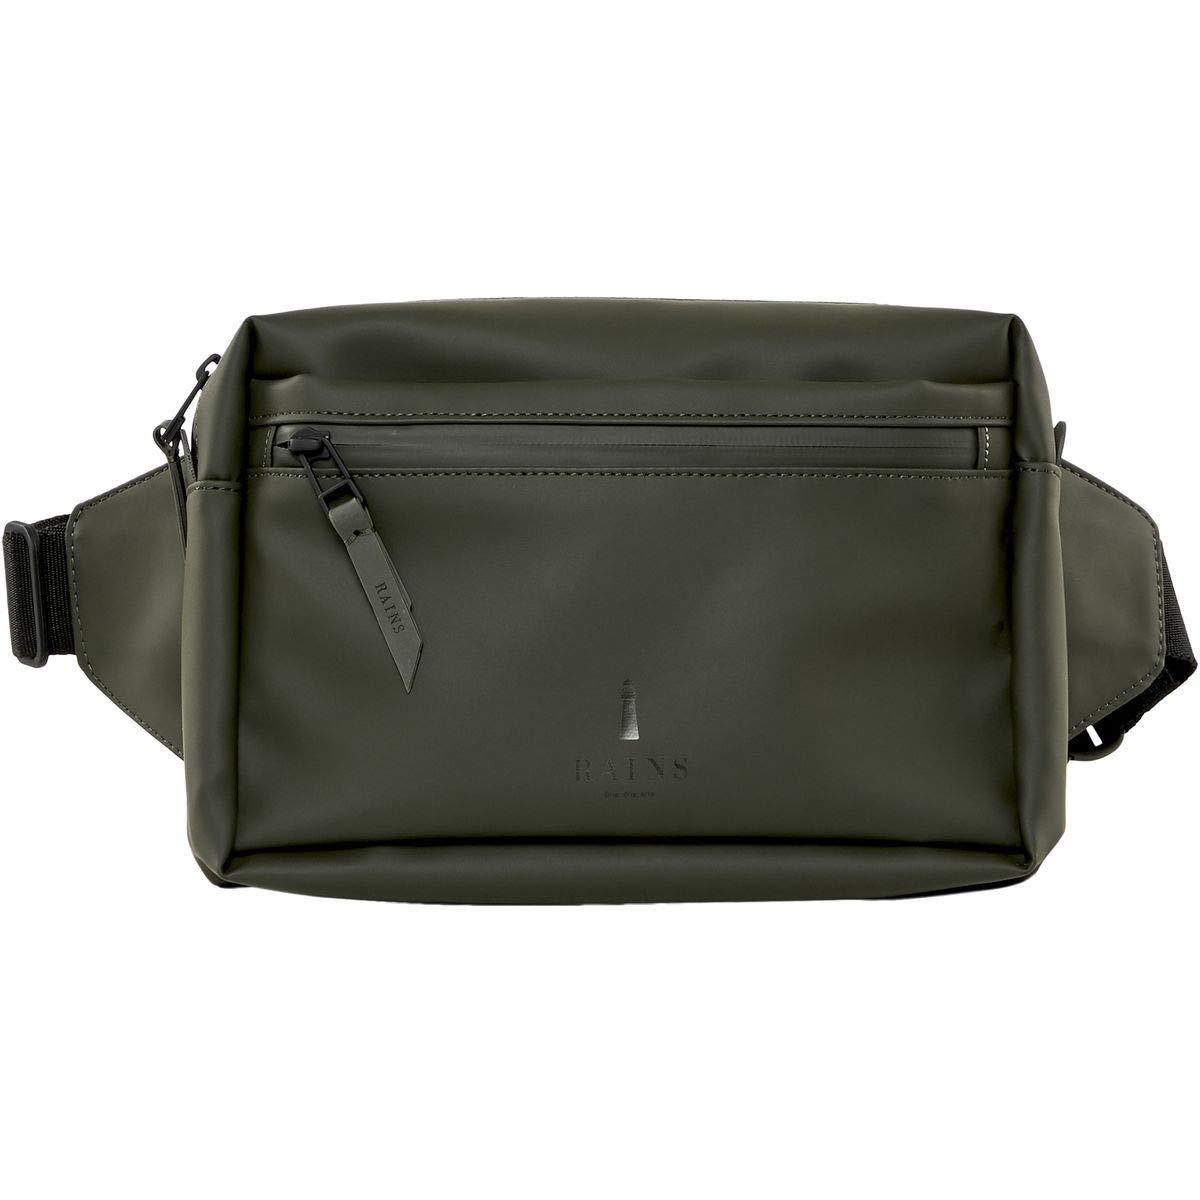 [レインズ Rains] レディース バッグ ハンドバッグ Waist Bag [並行輸入品] B07P414984  No-Size